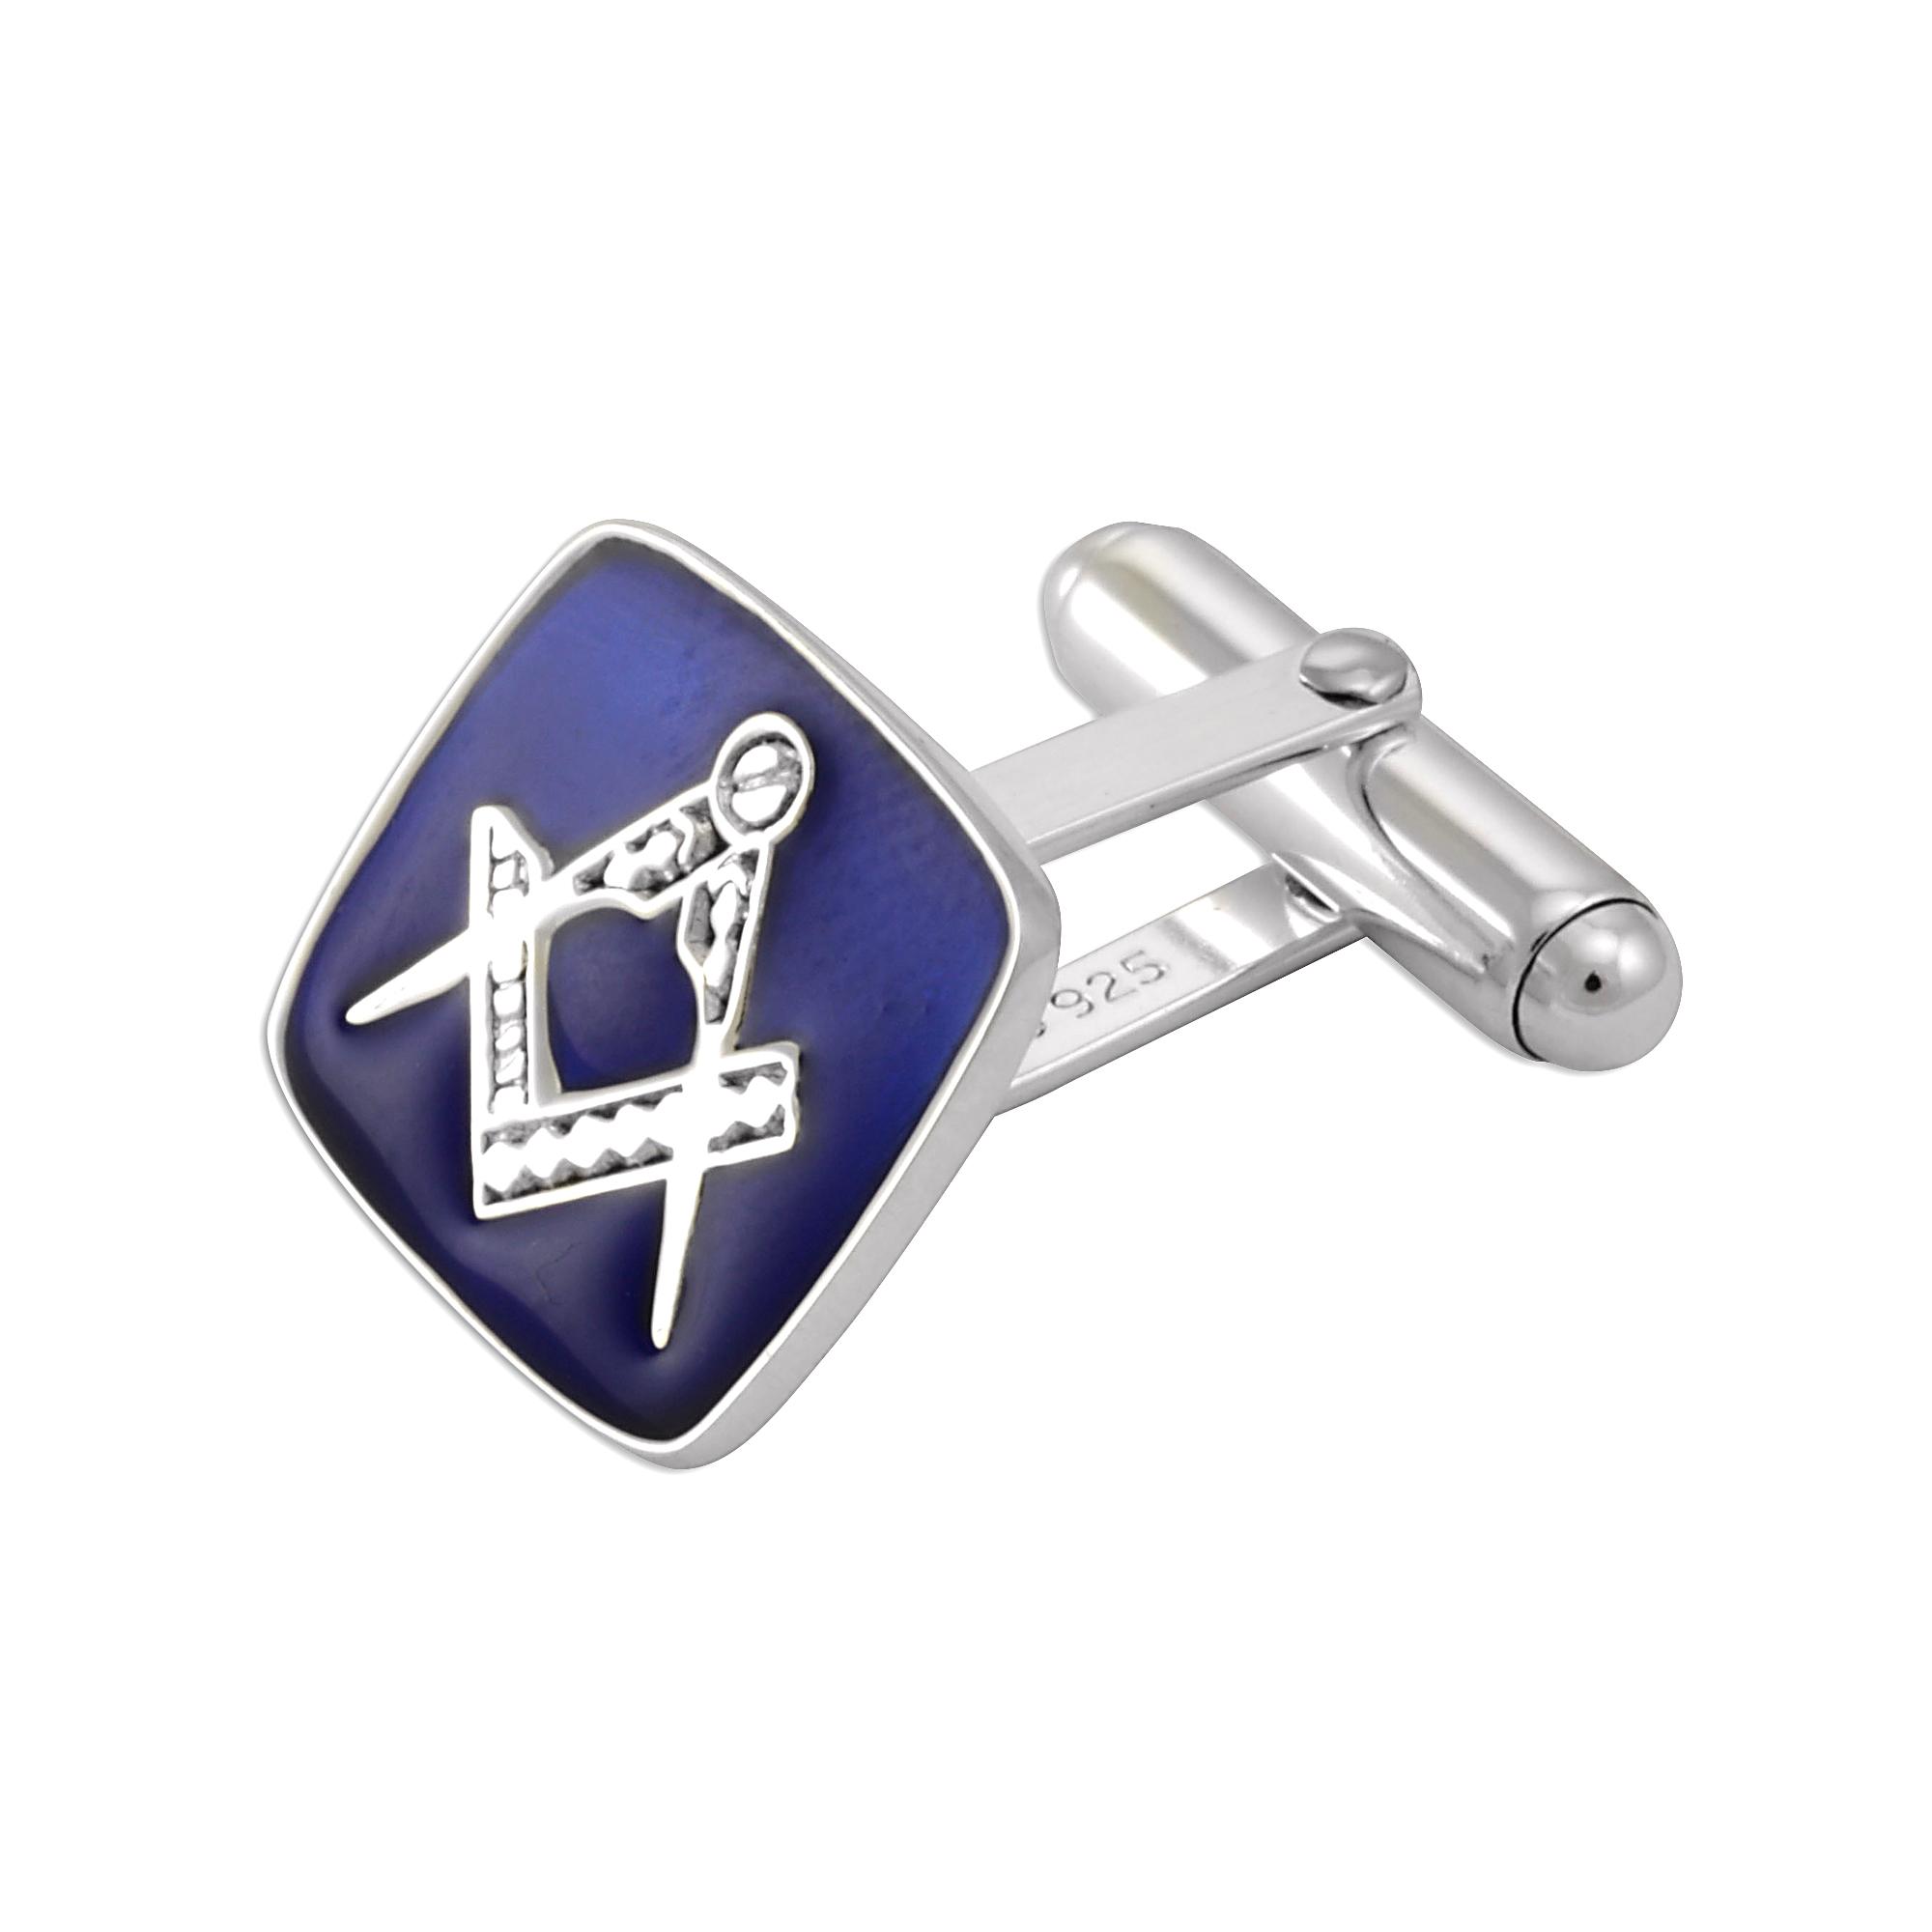 An image of Sterling Silver Masonic Blue Enamel Cufflinks